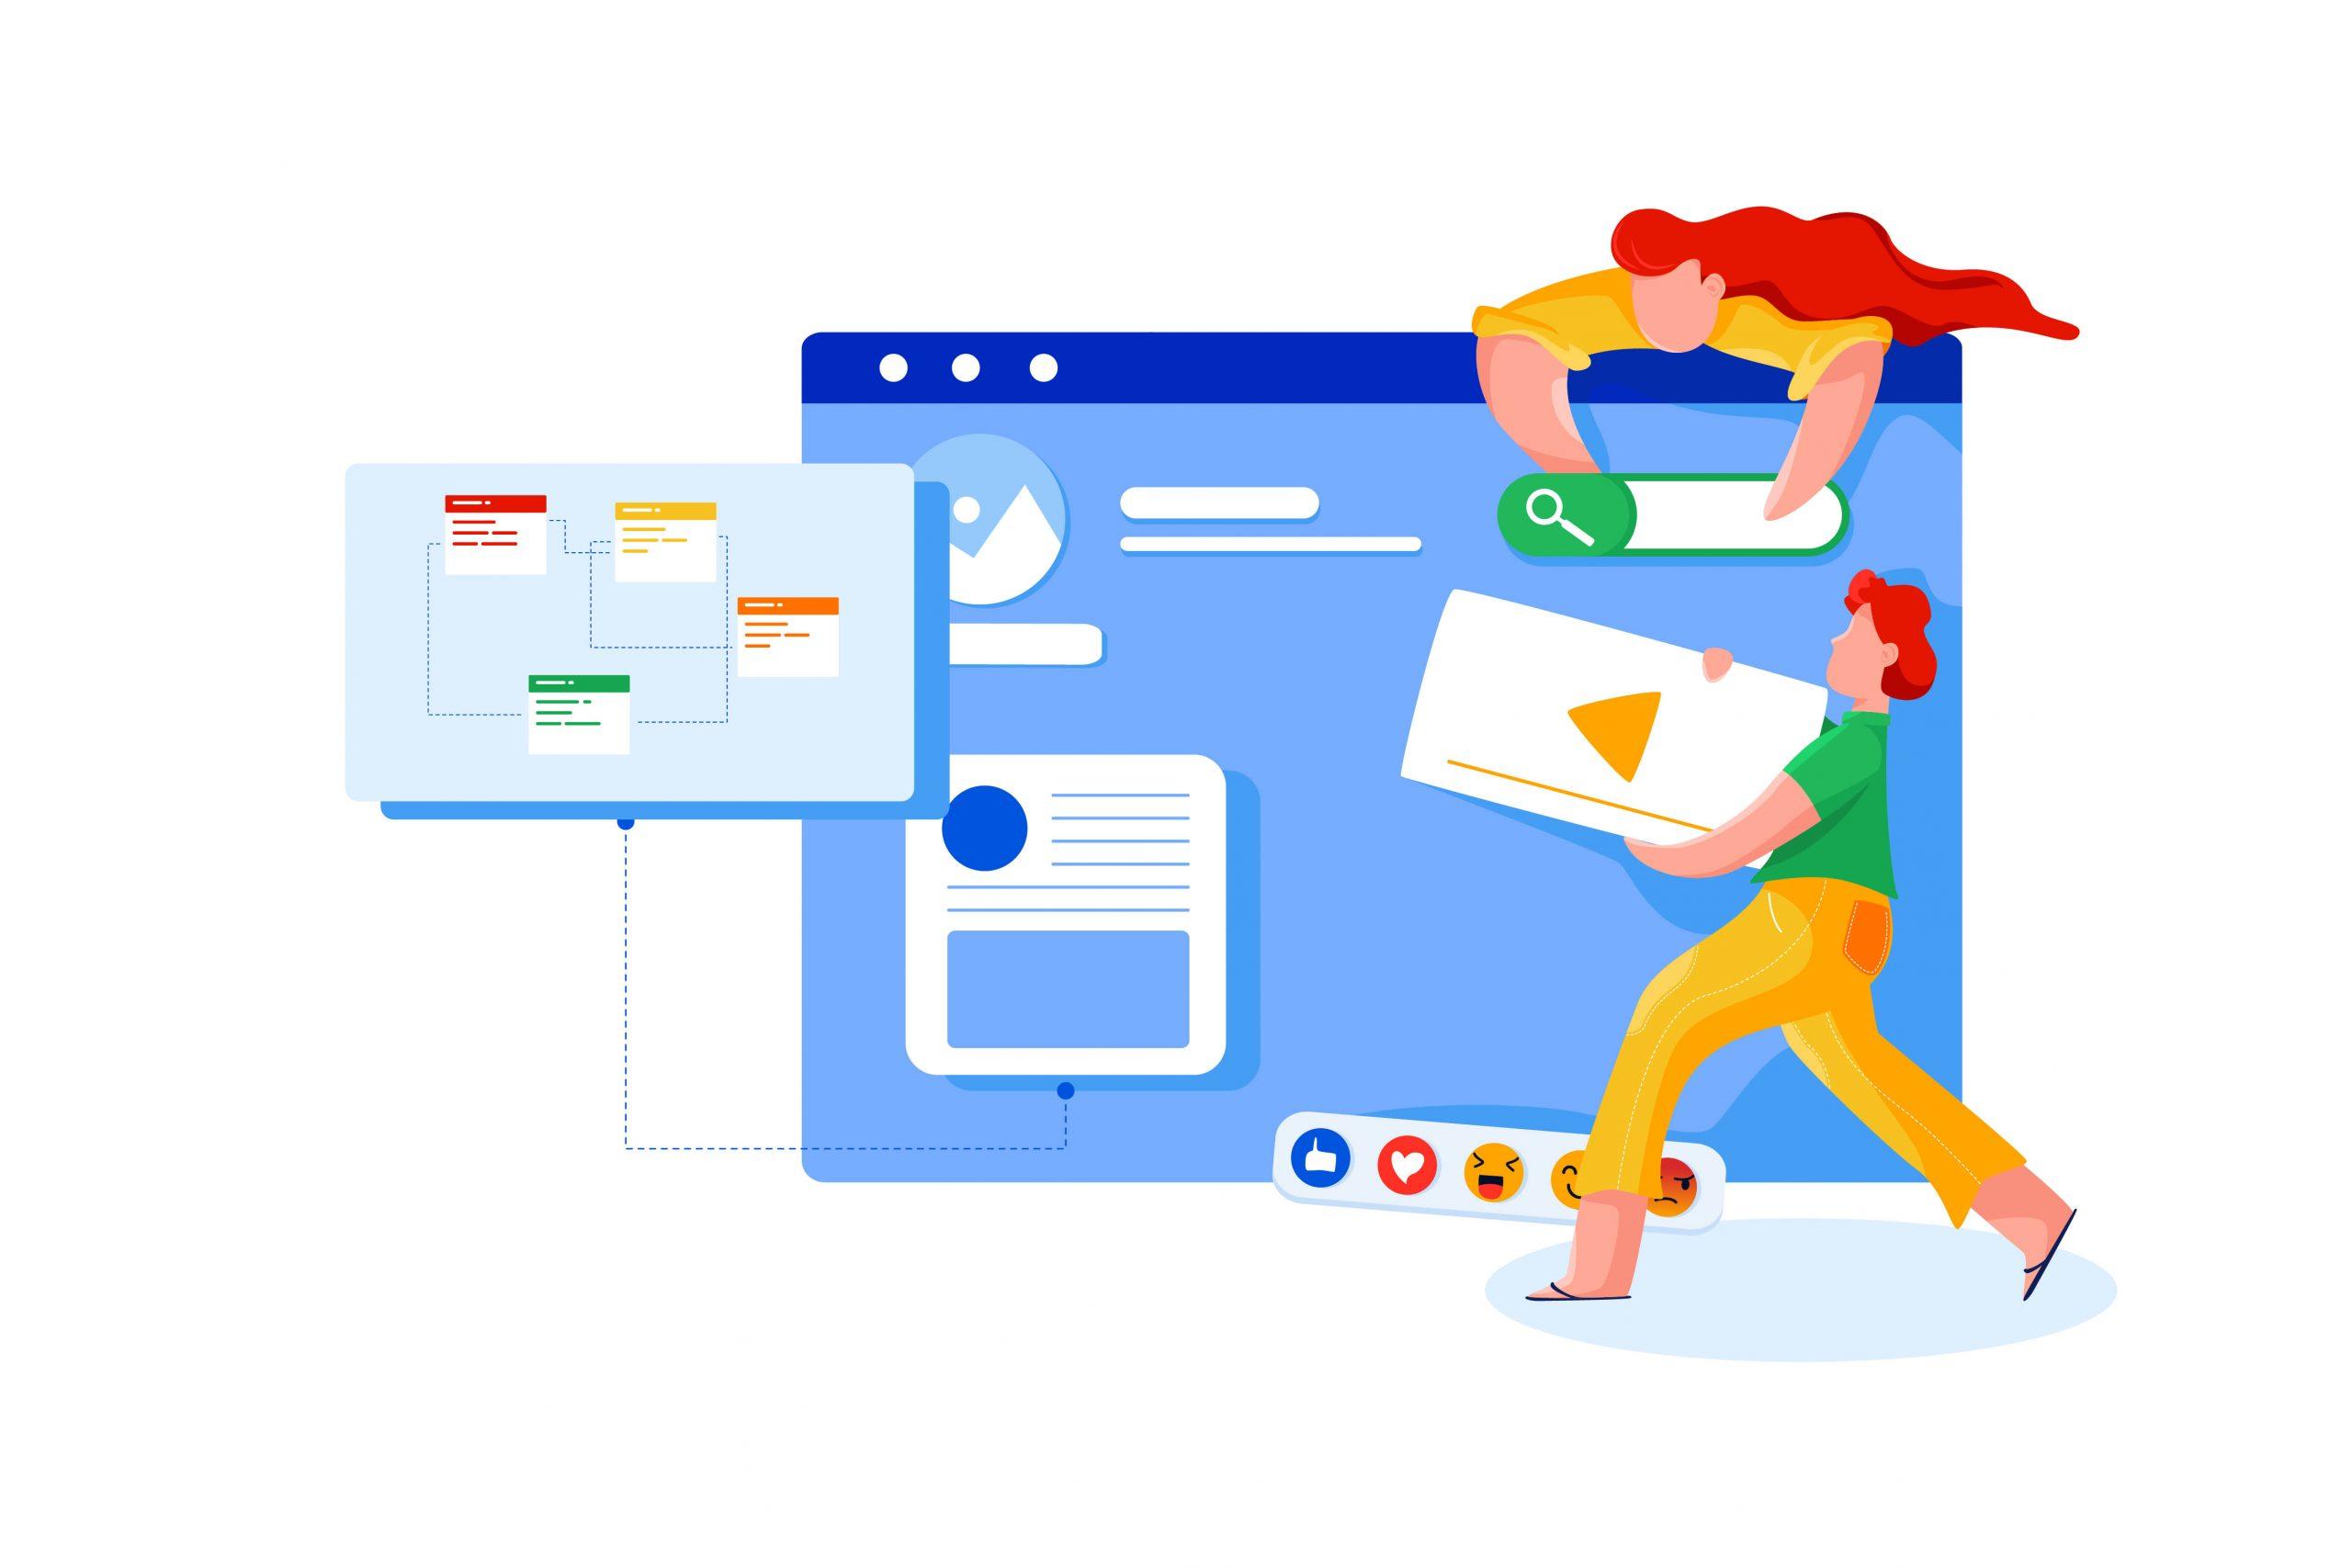 Tworzenie stron internetowych - krok po kroku 3